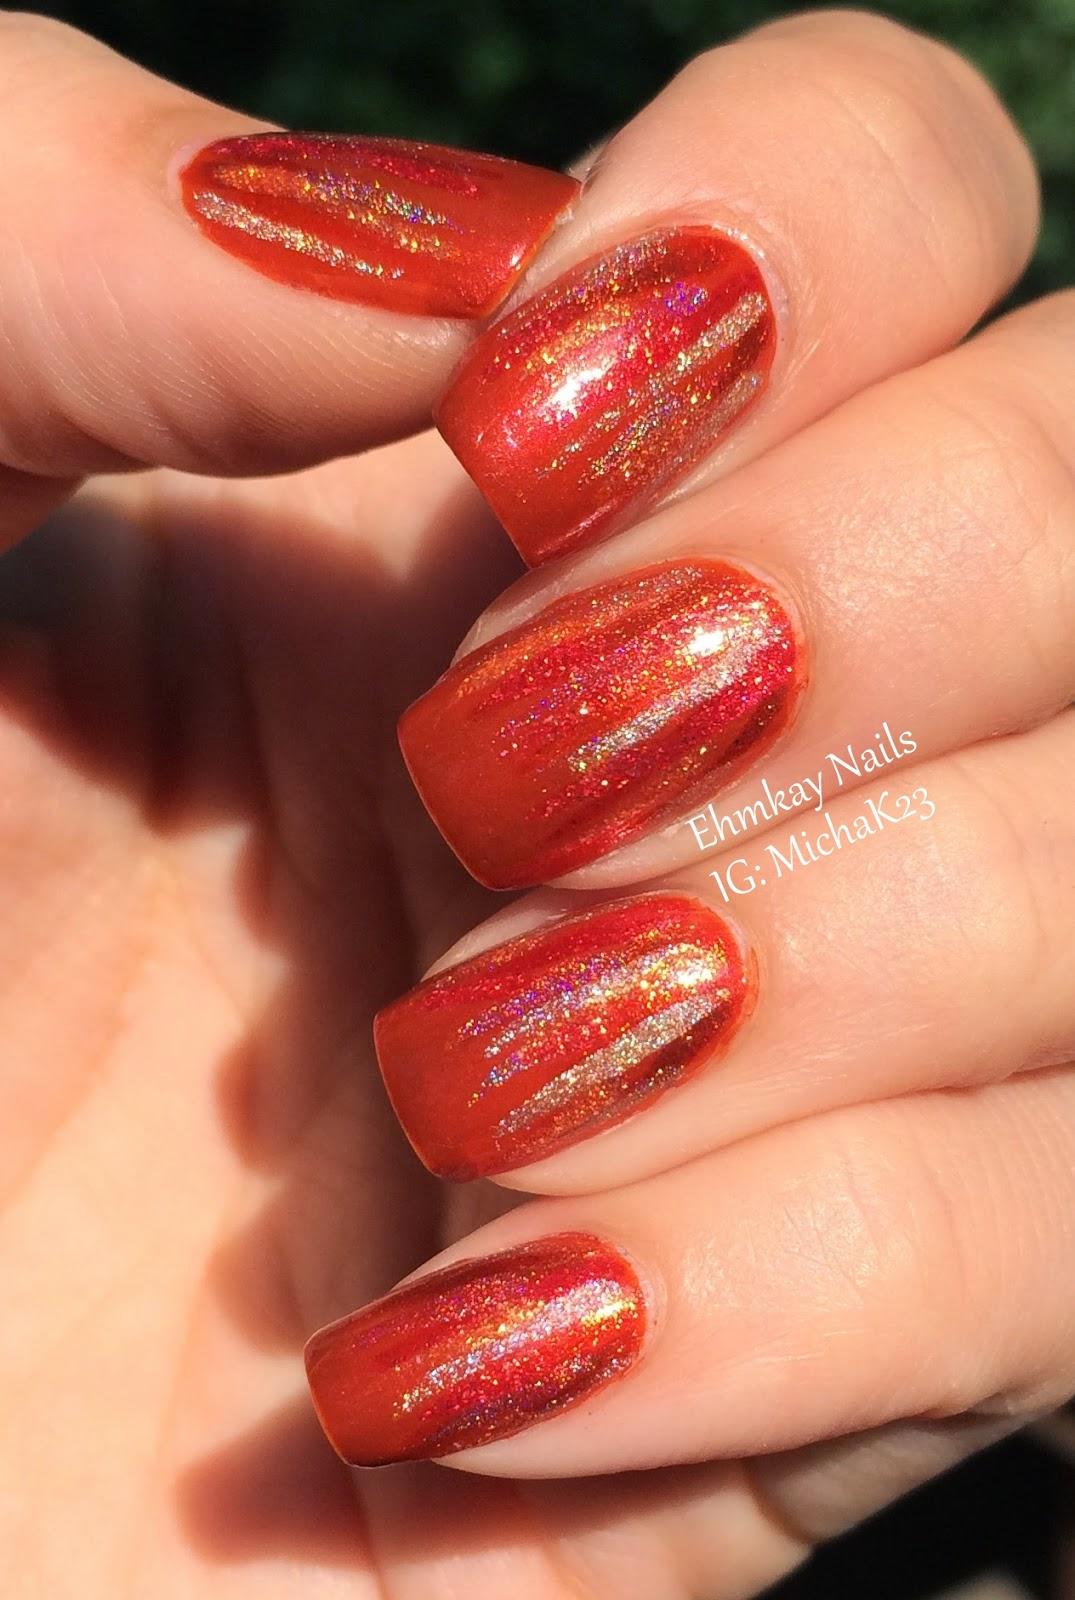 Ehmkay Nails New Year S Eve Nail Art With Kbshimmer Bling: Ehmkay Nails: Orange Waterfall Nail Art